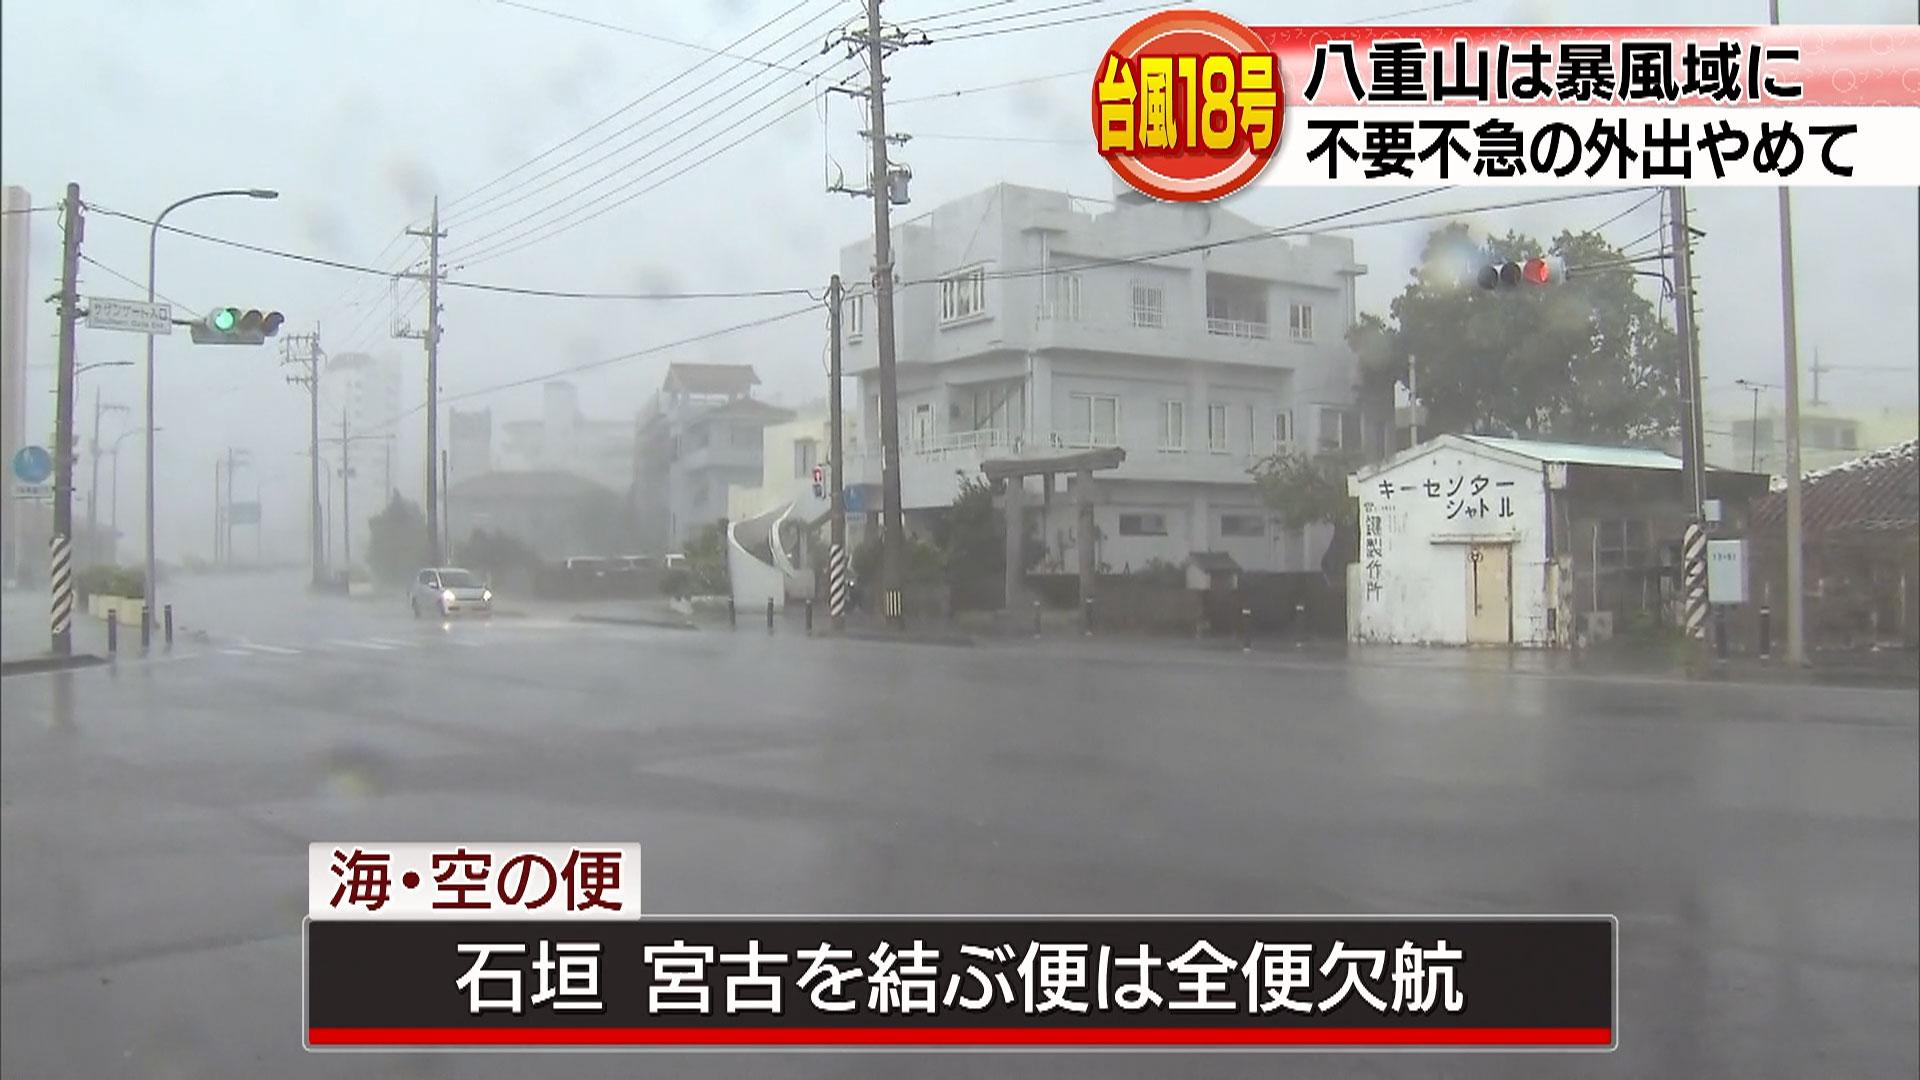 台風18号 八重山地方が暴風域